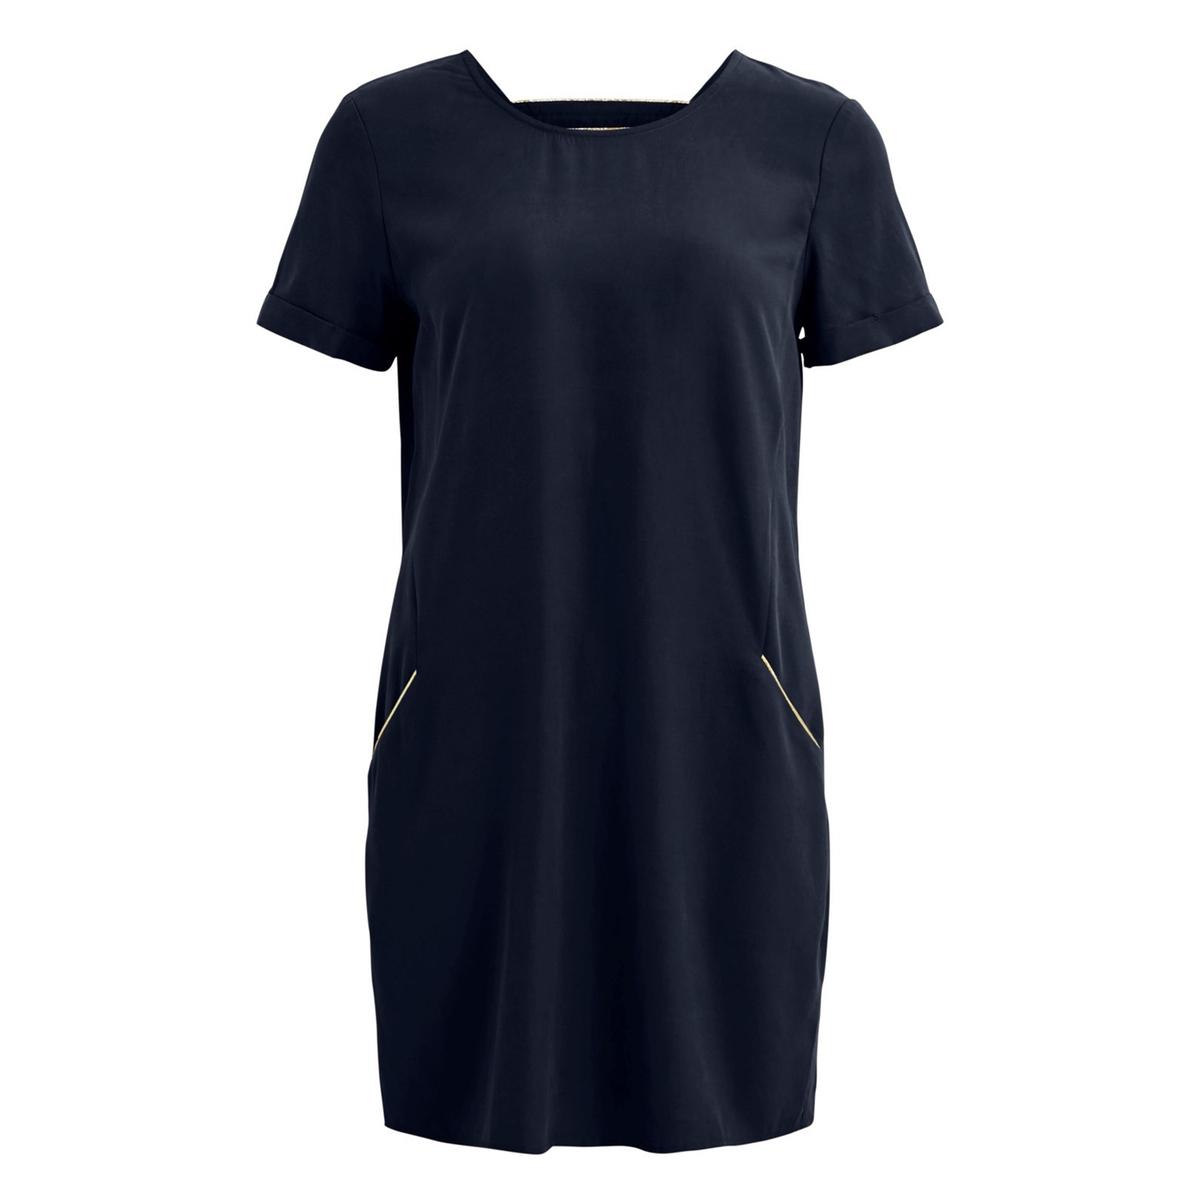 Платье La Redoute С короткими рукавами и открытой спиной 36 (FR) - 42 (RUS) синий бушлат la redoute с рисунком клетка 34 fr 40 rus синий